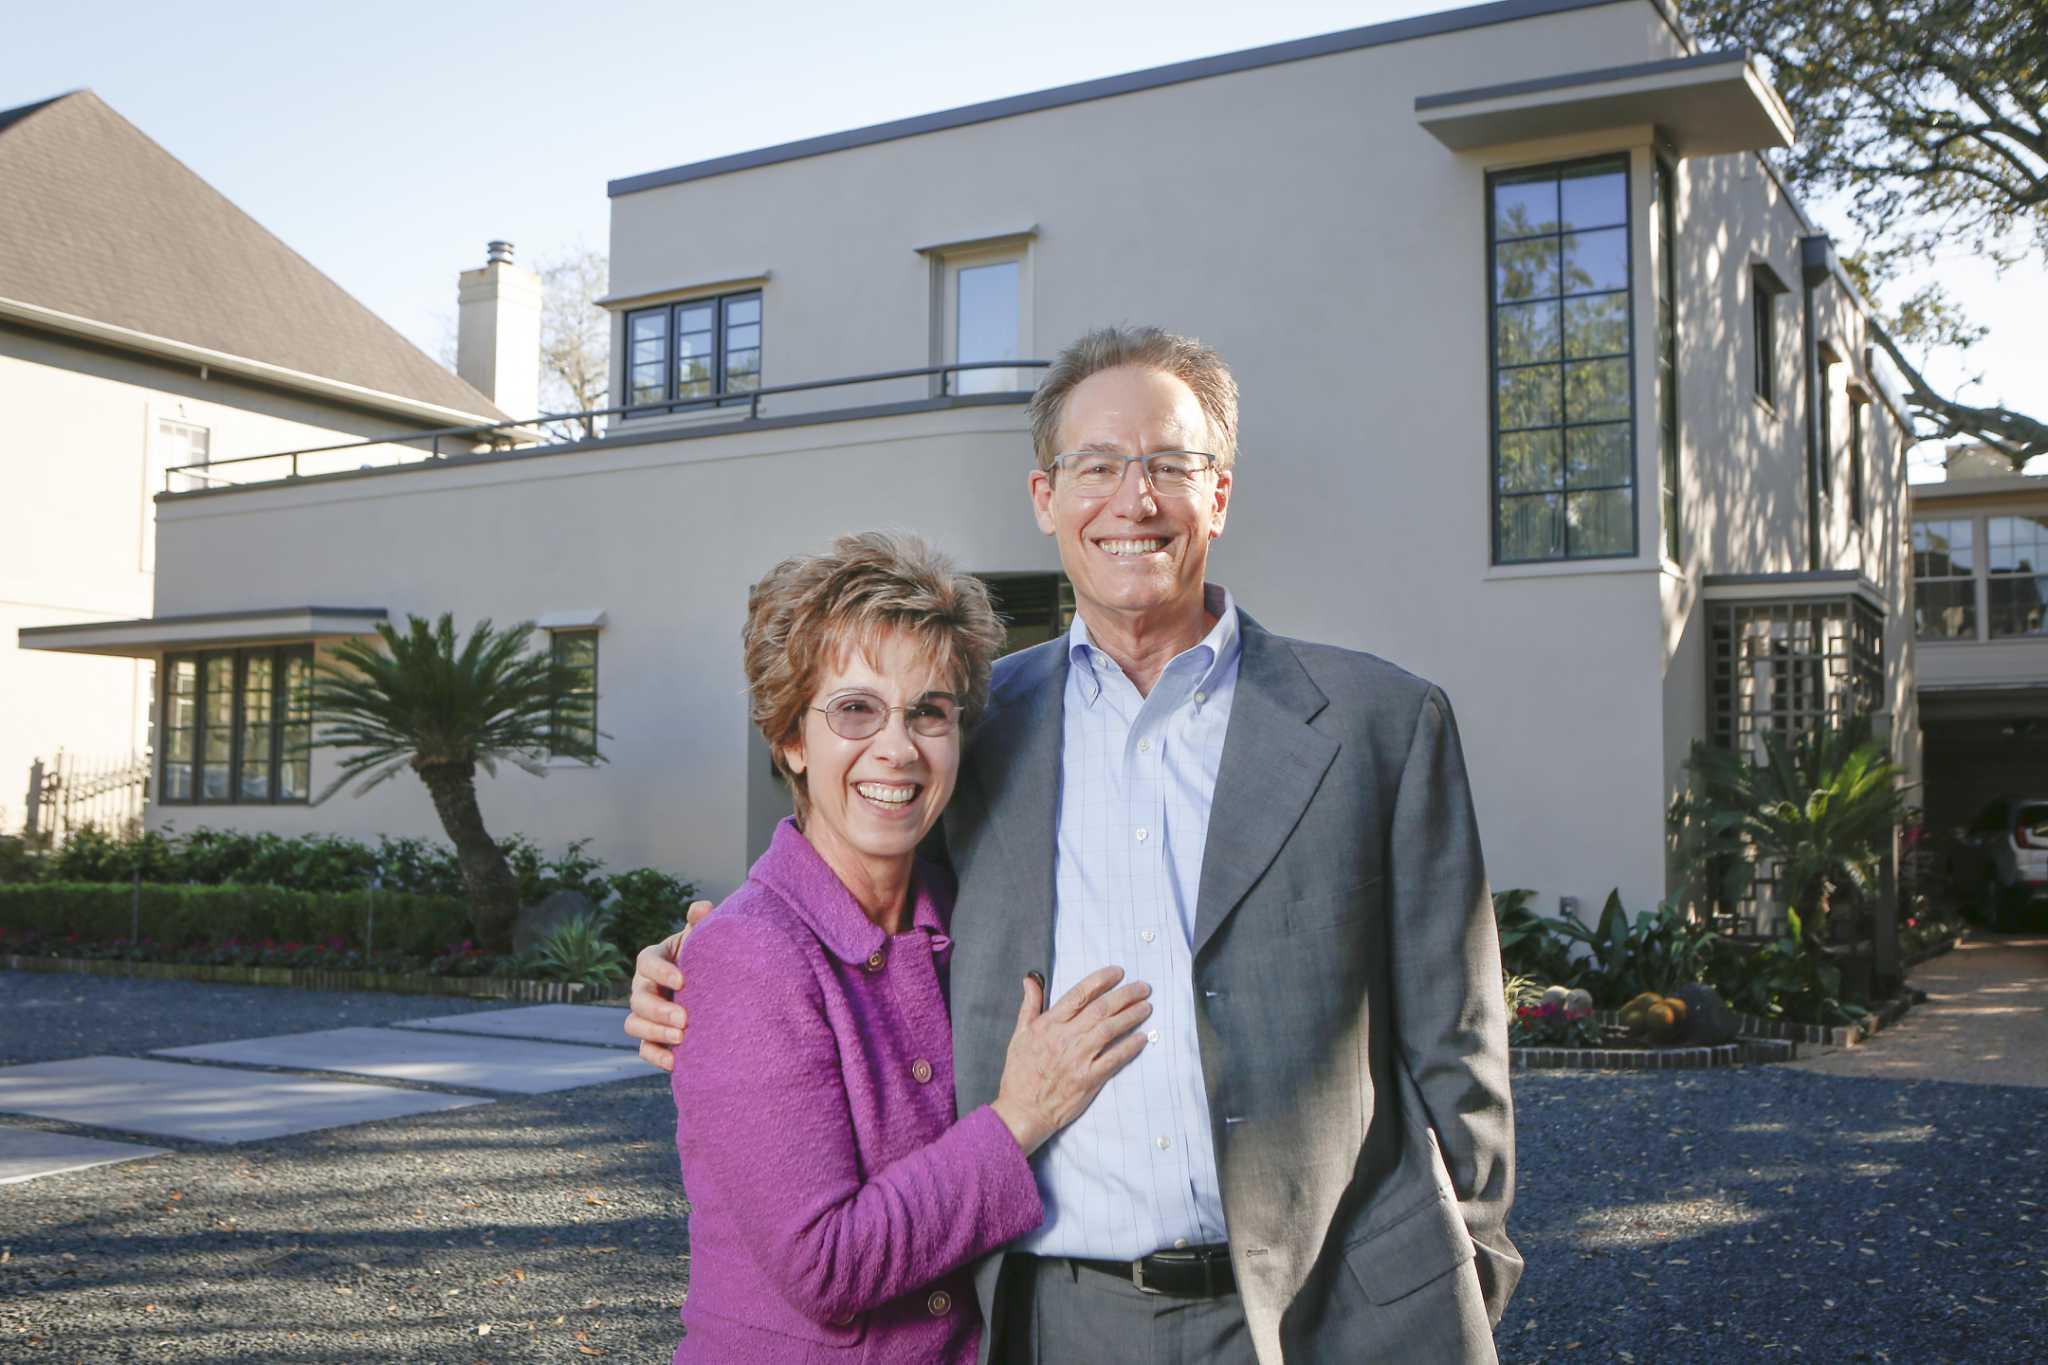 Historic Moderne home in River Oaks gets a second restoration